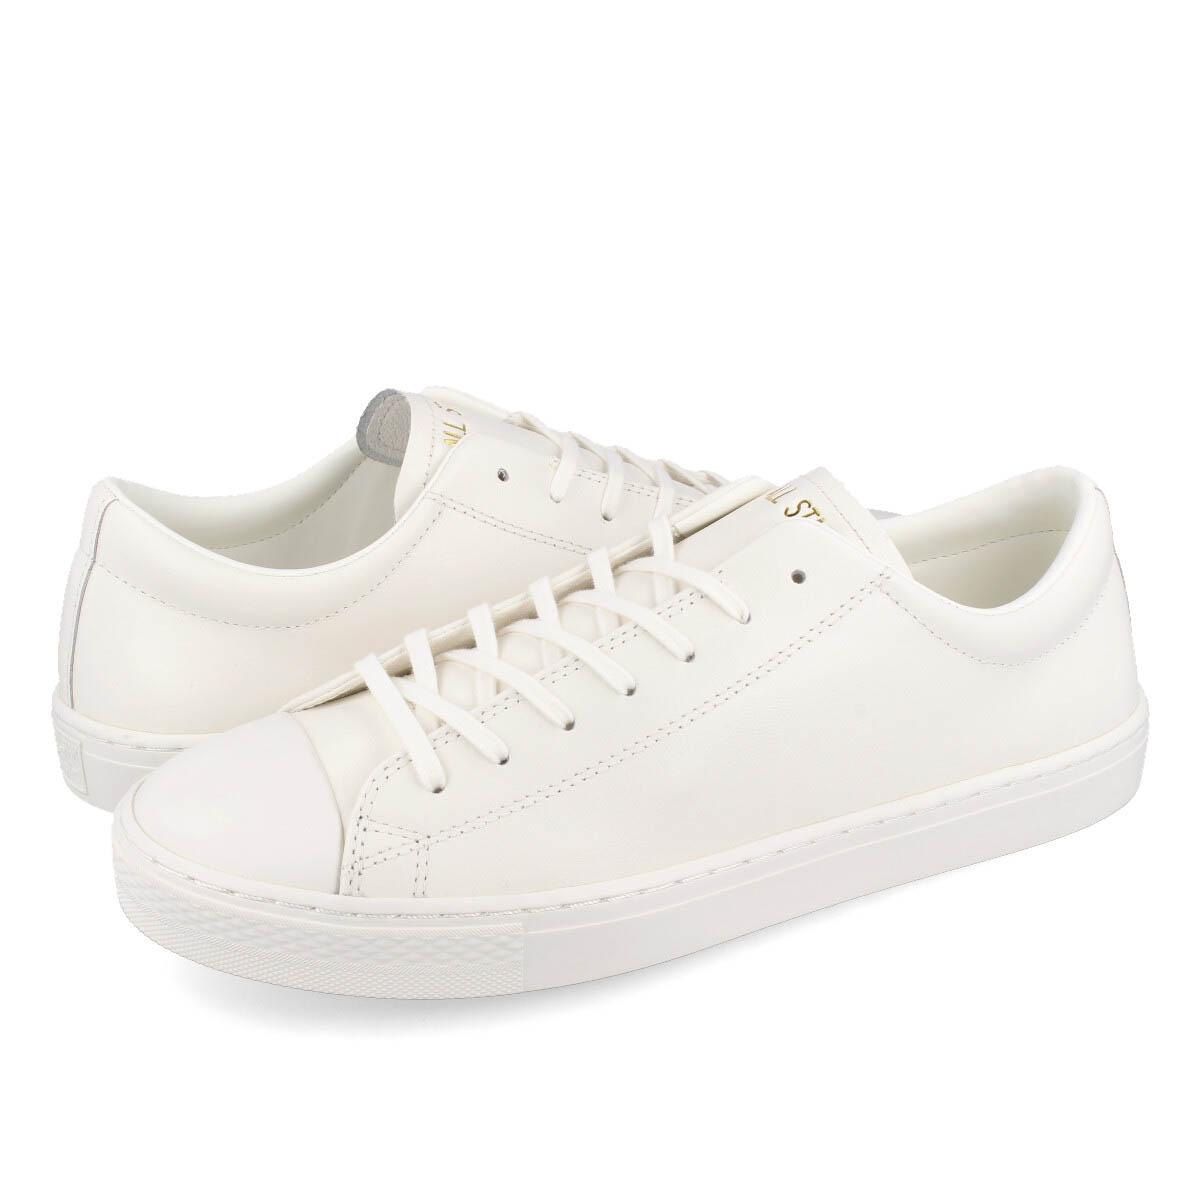 送料無料 CONVERSE コンバース スニーカー 靴 ローカット メンズ レディース ホワイト 白 LEATHER 31301810 COUPE クップ STAR ALL レザー 売れ筋ランキング オールスター OX WHITE <セール&特集>